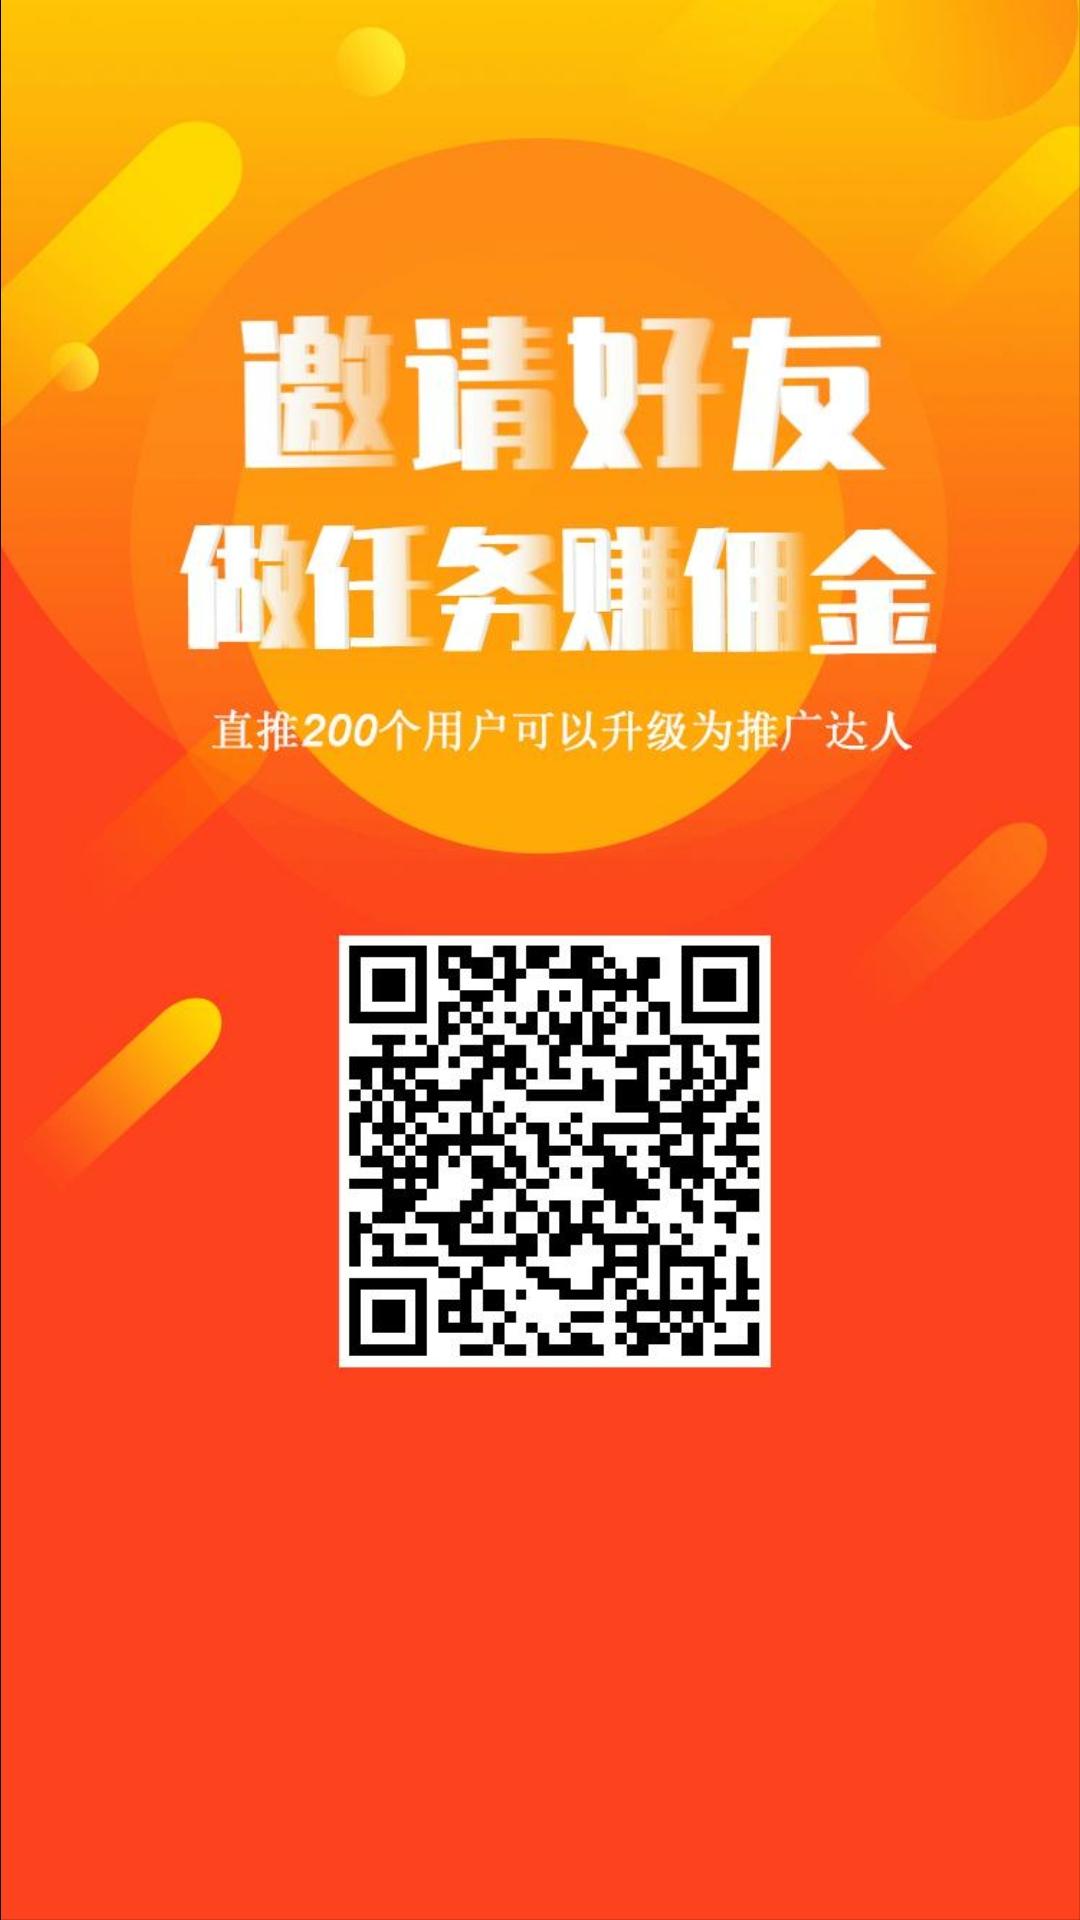 图片[1]-乐享广告一币每天分红0.08元-首码社